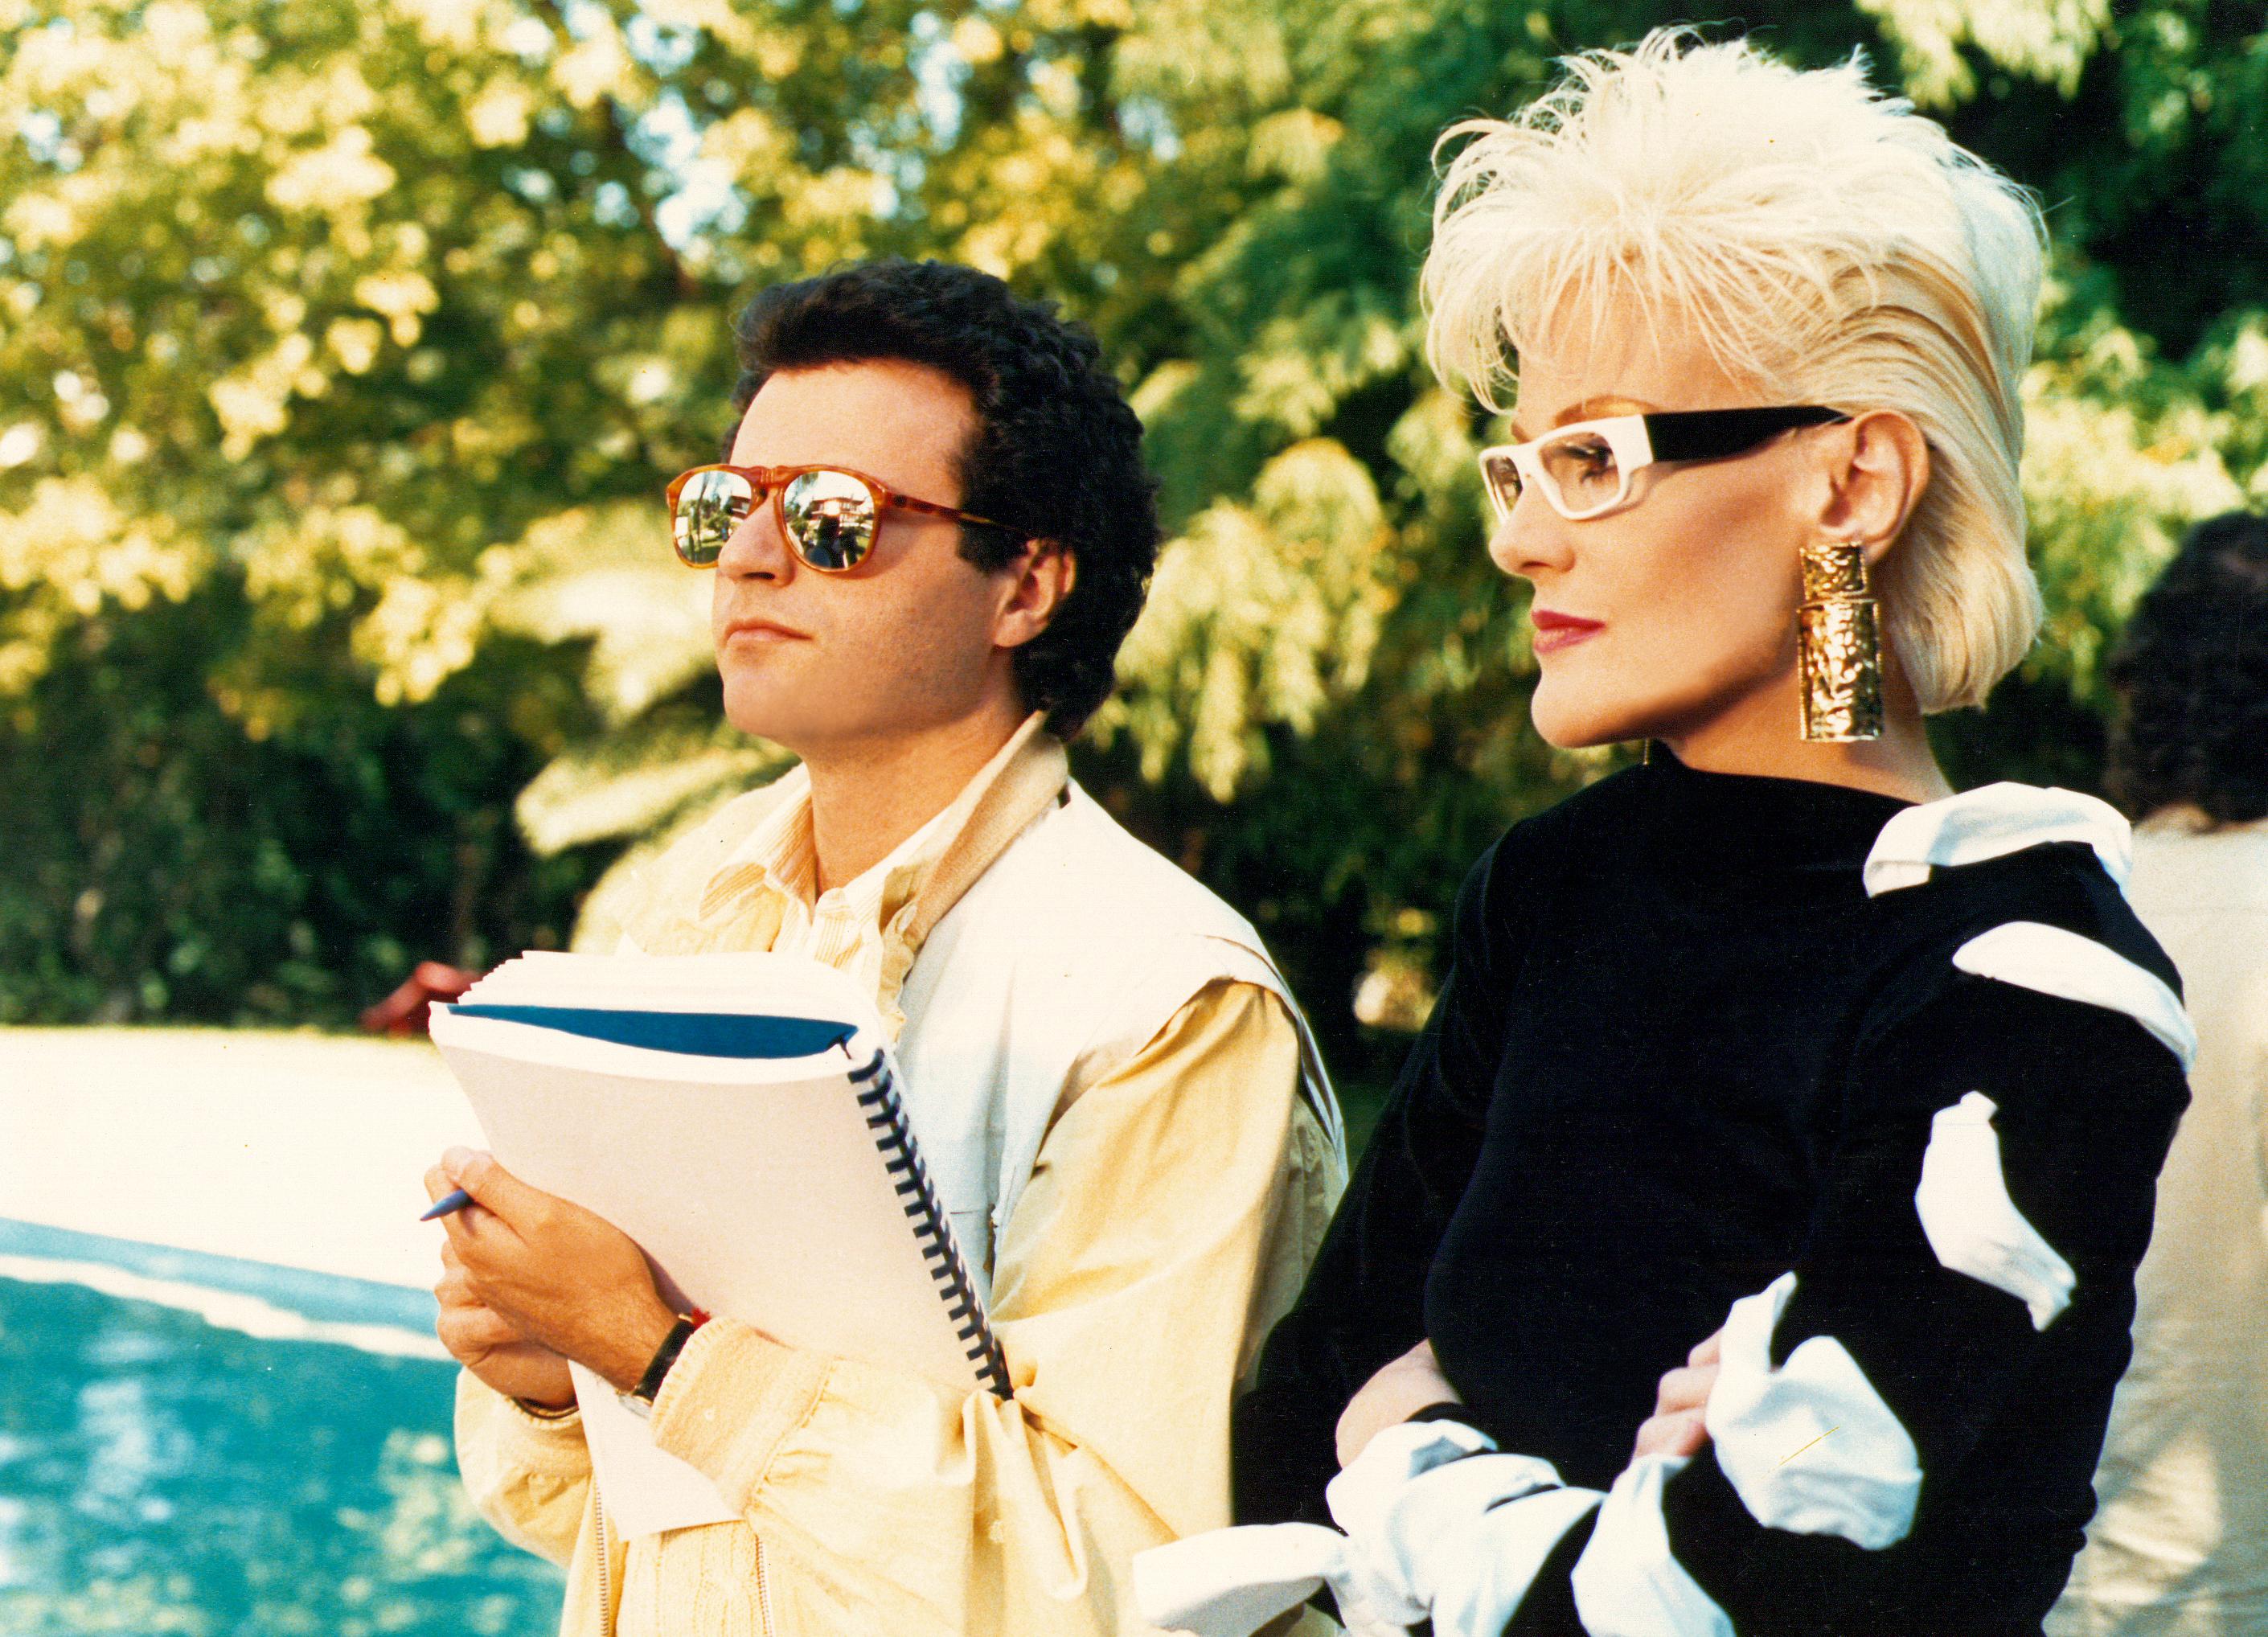 Ho avuto il piacere di dirigere Donatella Rettore nel mio film STREPITOSAMENTE… FLOP. Ancora oggi, molti mi chiedono il perché abbia scritturato come attrice una cantante di musica leggera, seppur […]